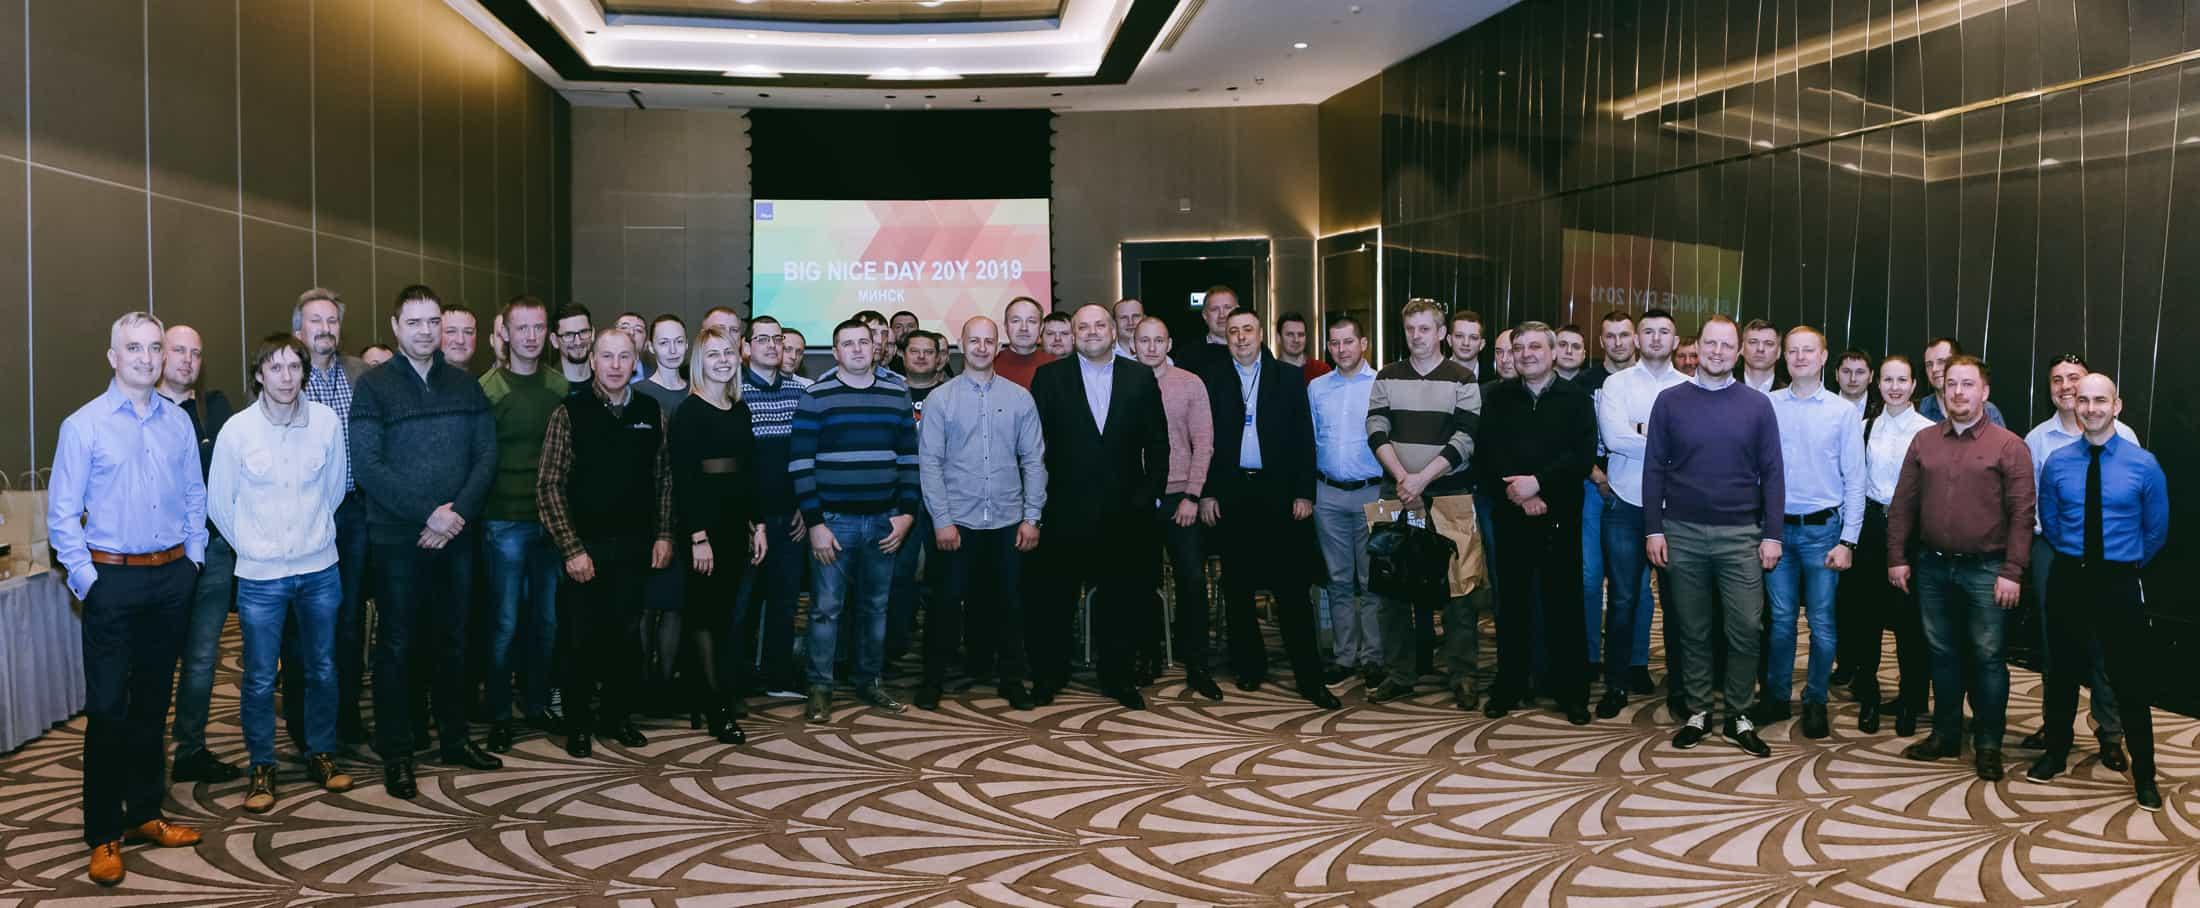 Ежегодное мероприятие Big Nice Day 2019 в Минске — состоялось!